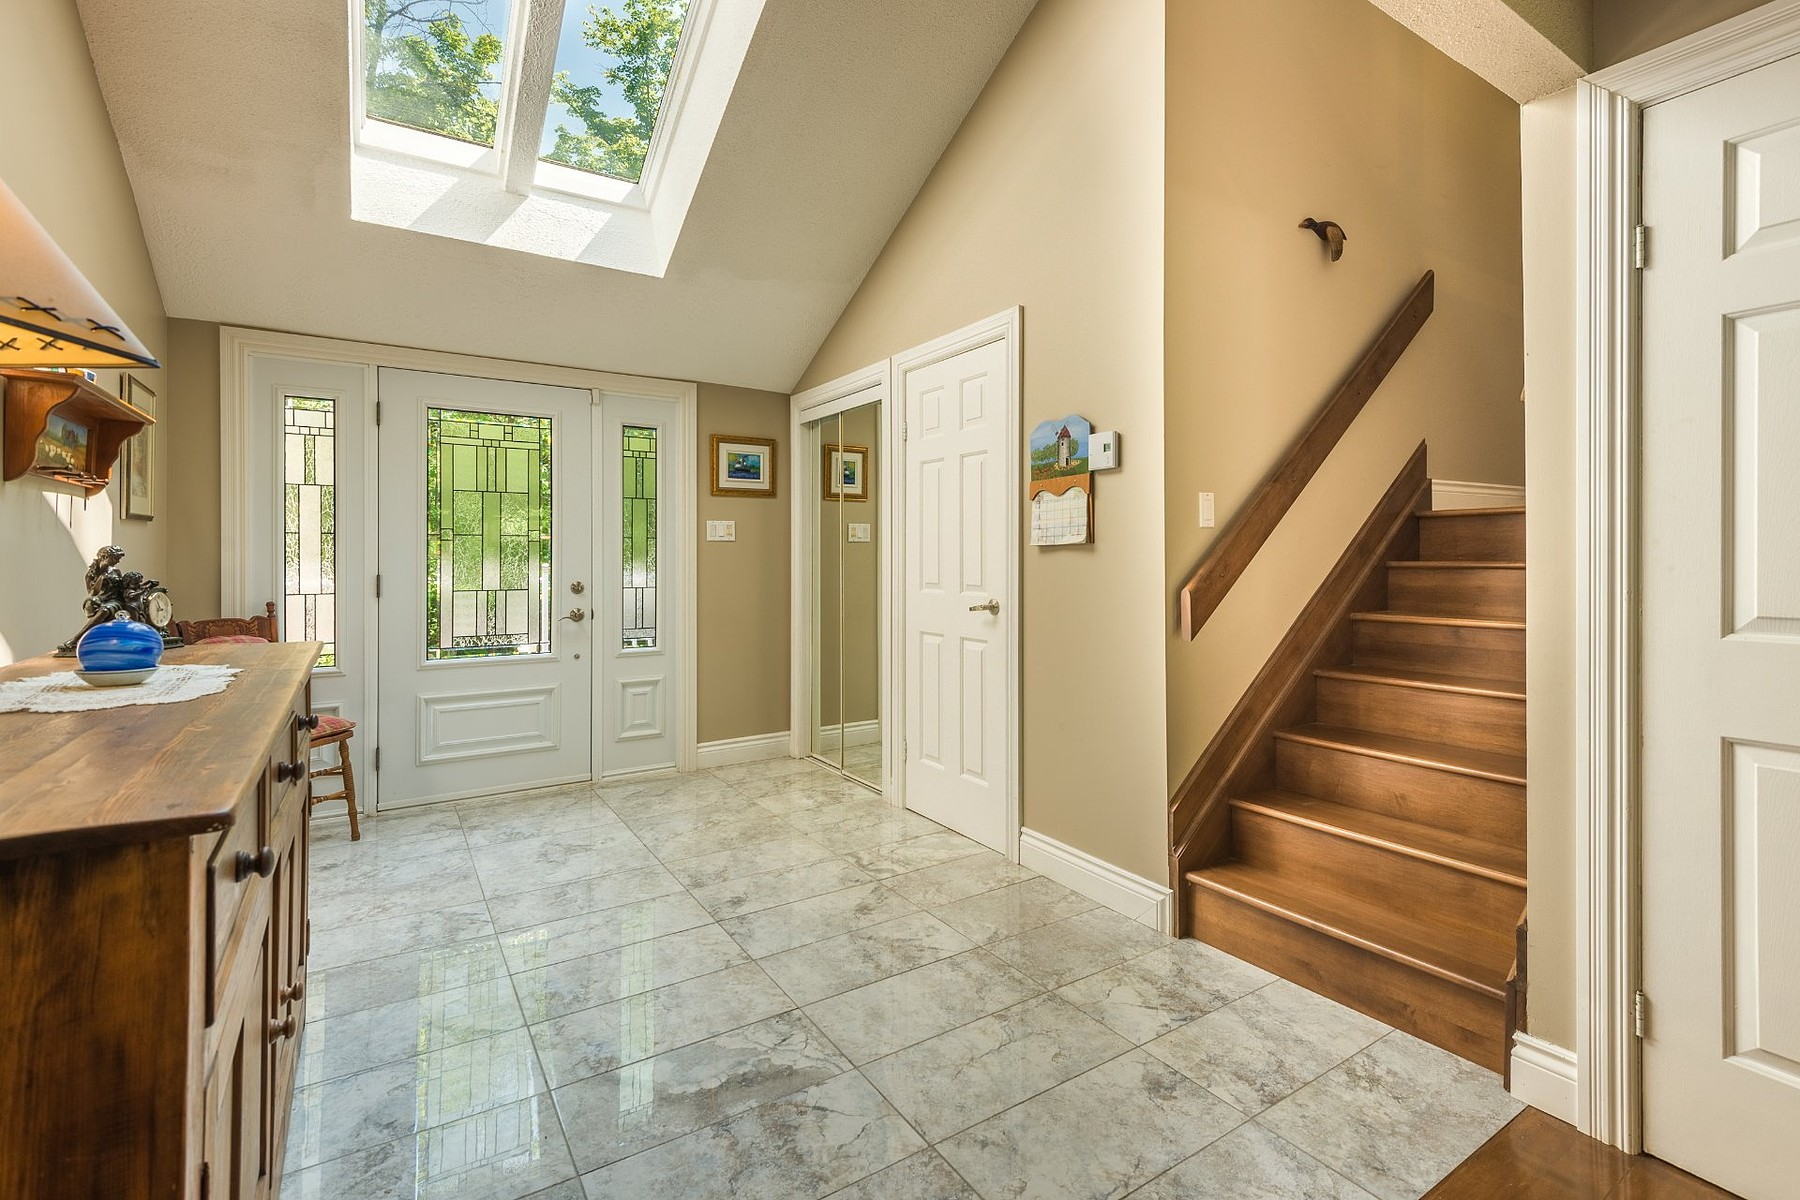 独户住宅 为 销售 在 Magog, Estrie 2171 Rue du Torrent 玛戈, 魁北克省, J1X0M8 加拿大